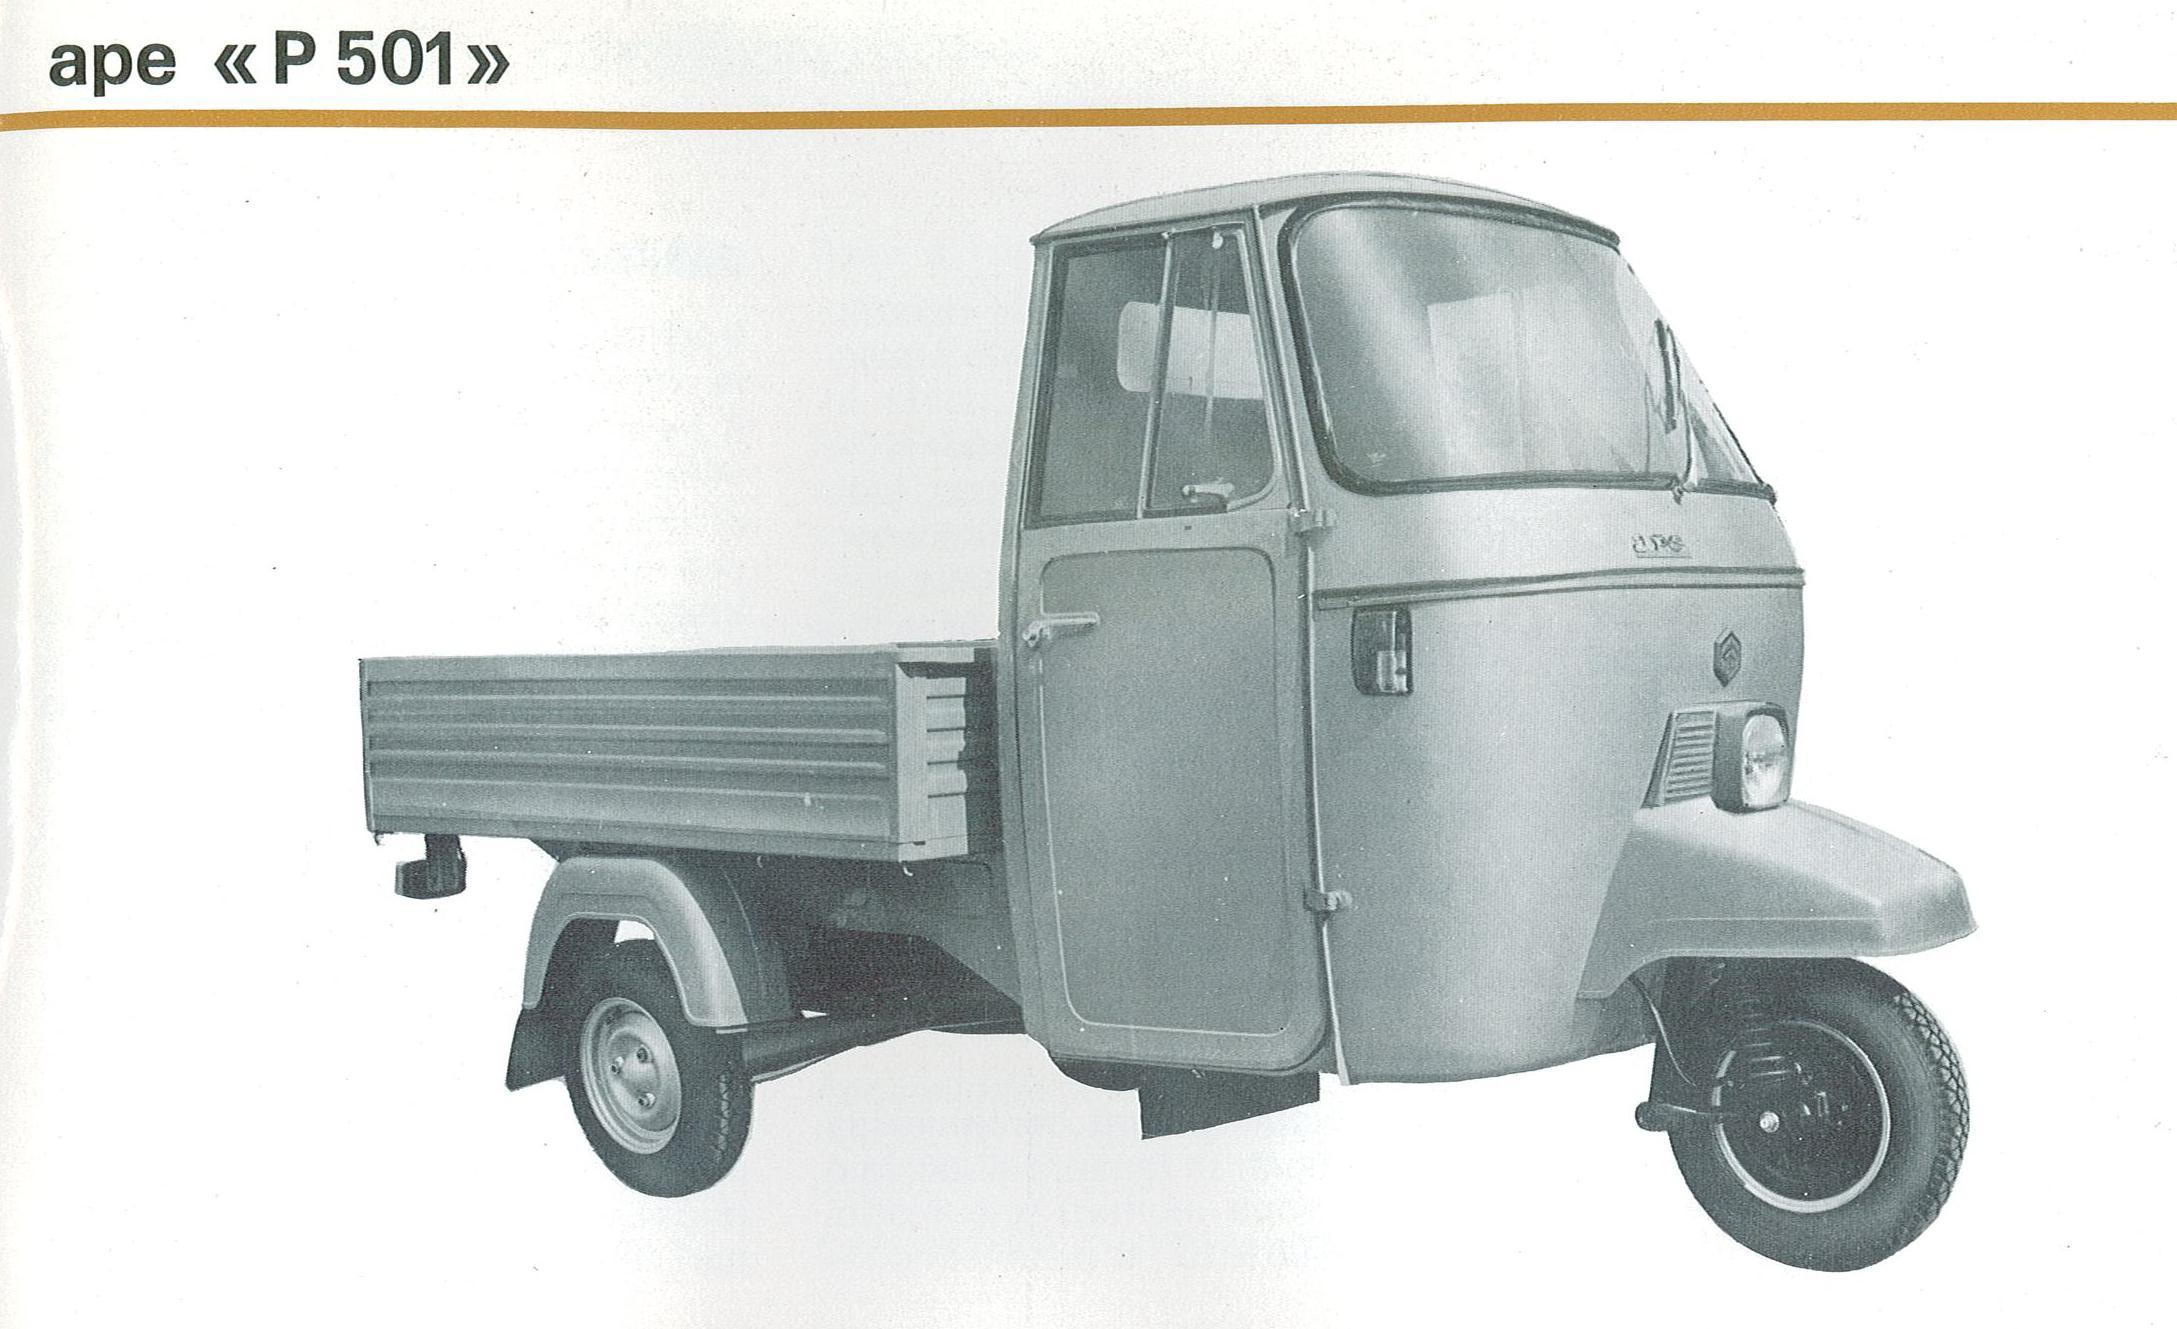 Piaggio Ape P501 MPR mod. MPR2T